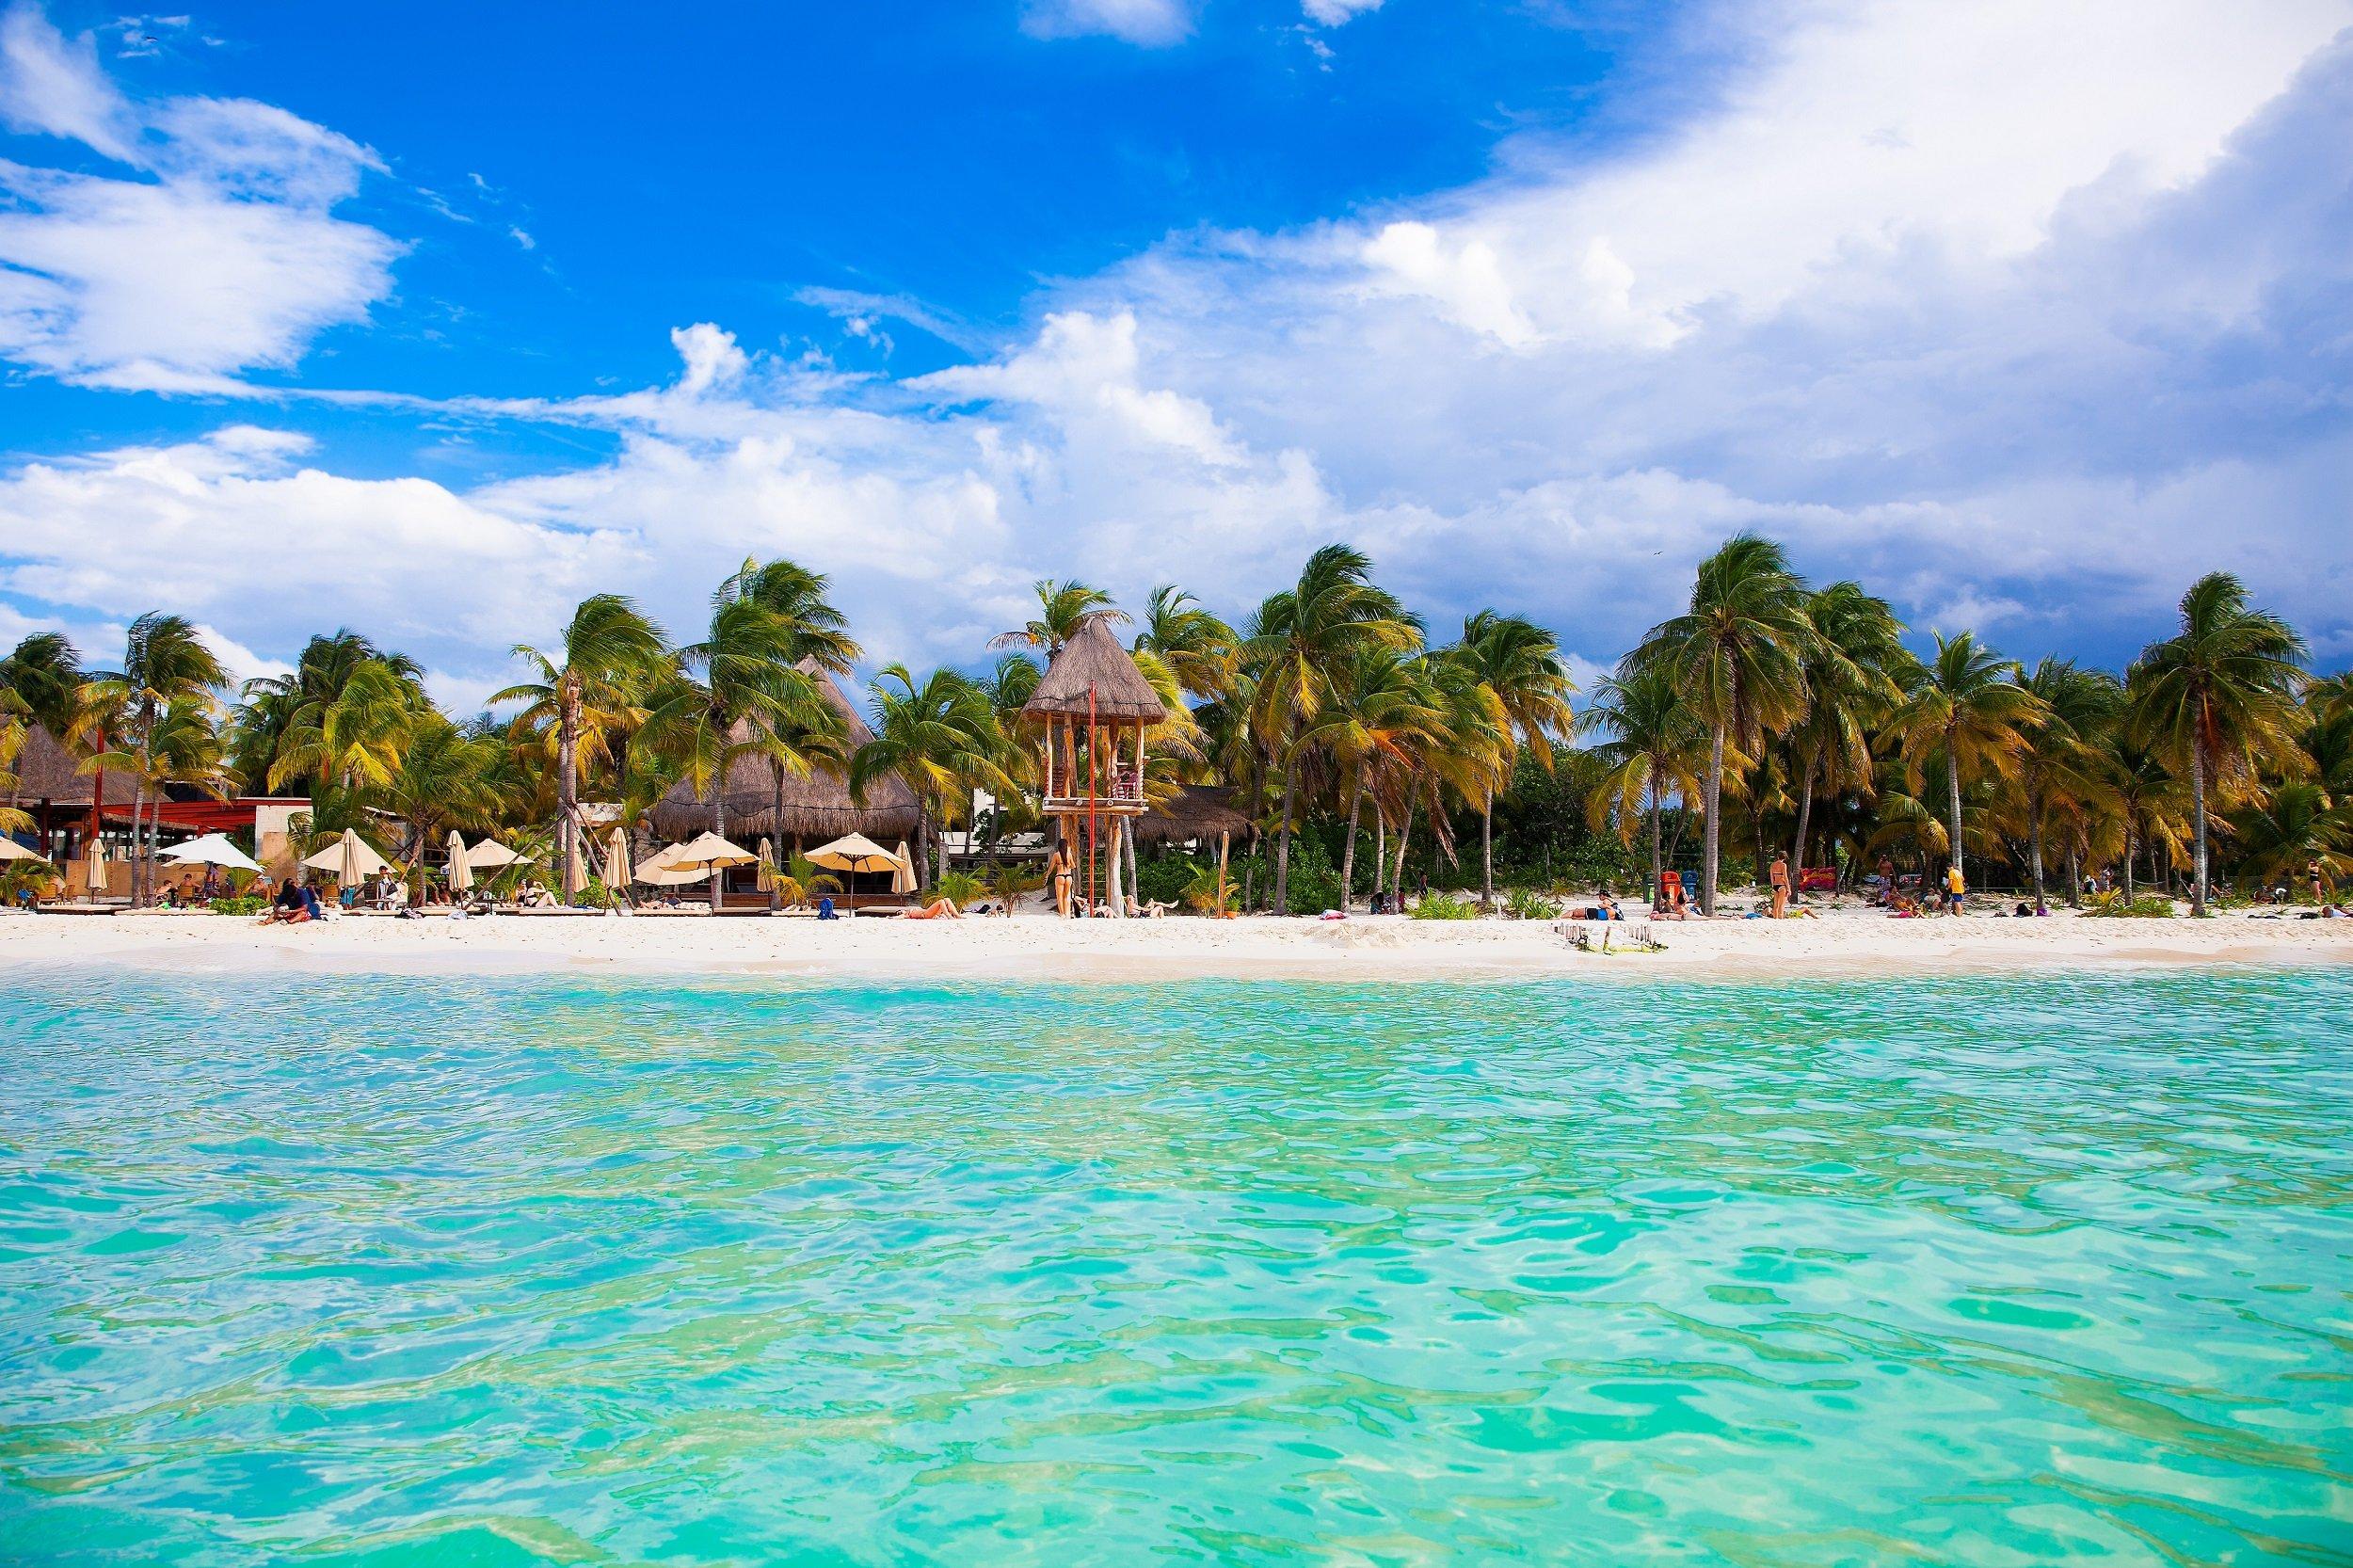 Premium Catamaran Cruise From The Riviera Maya 4